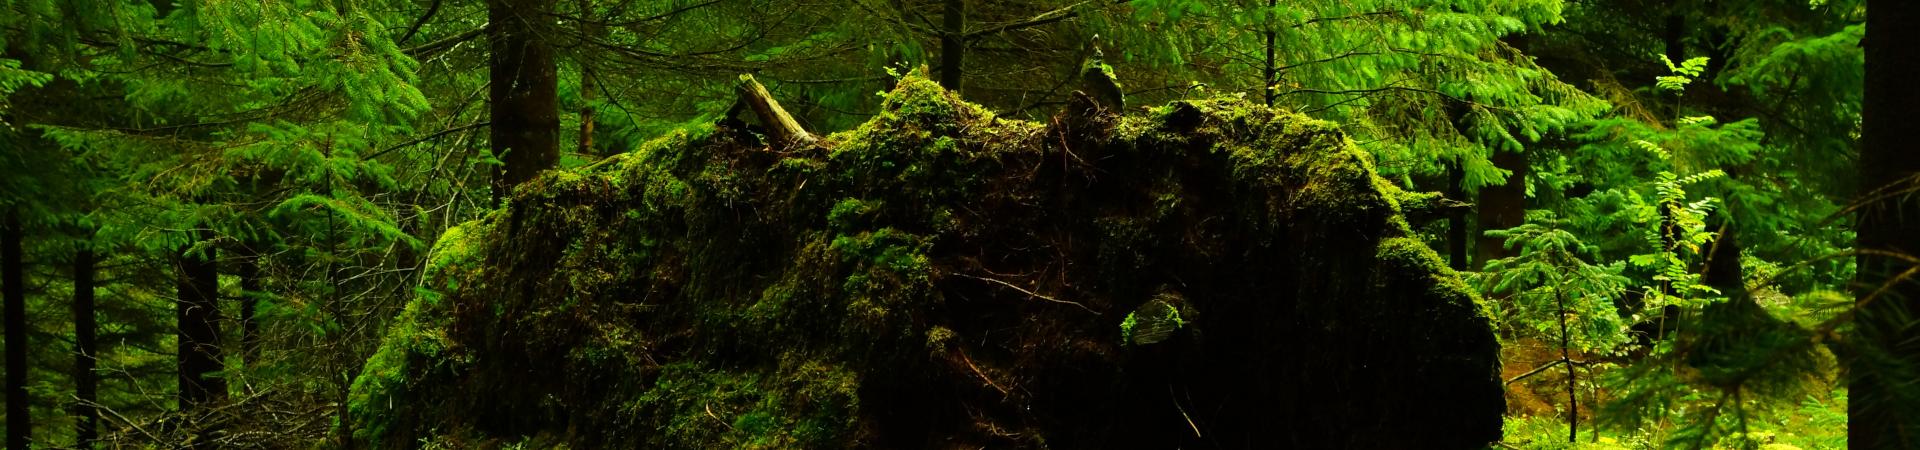 fallen-tree-1920×450